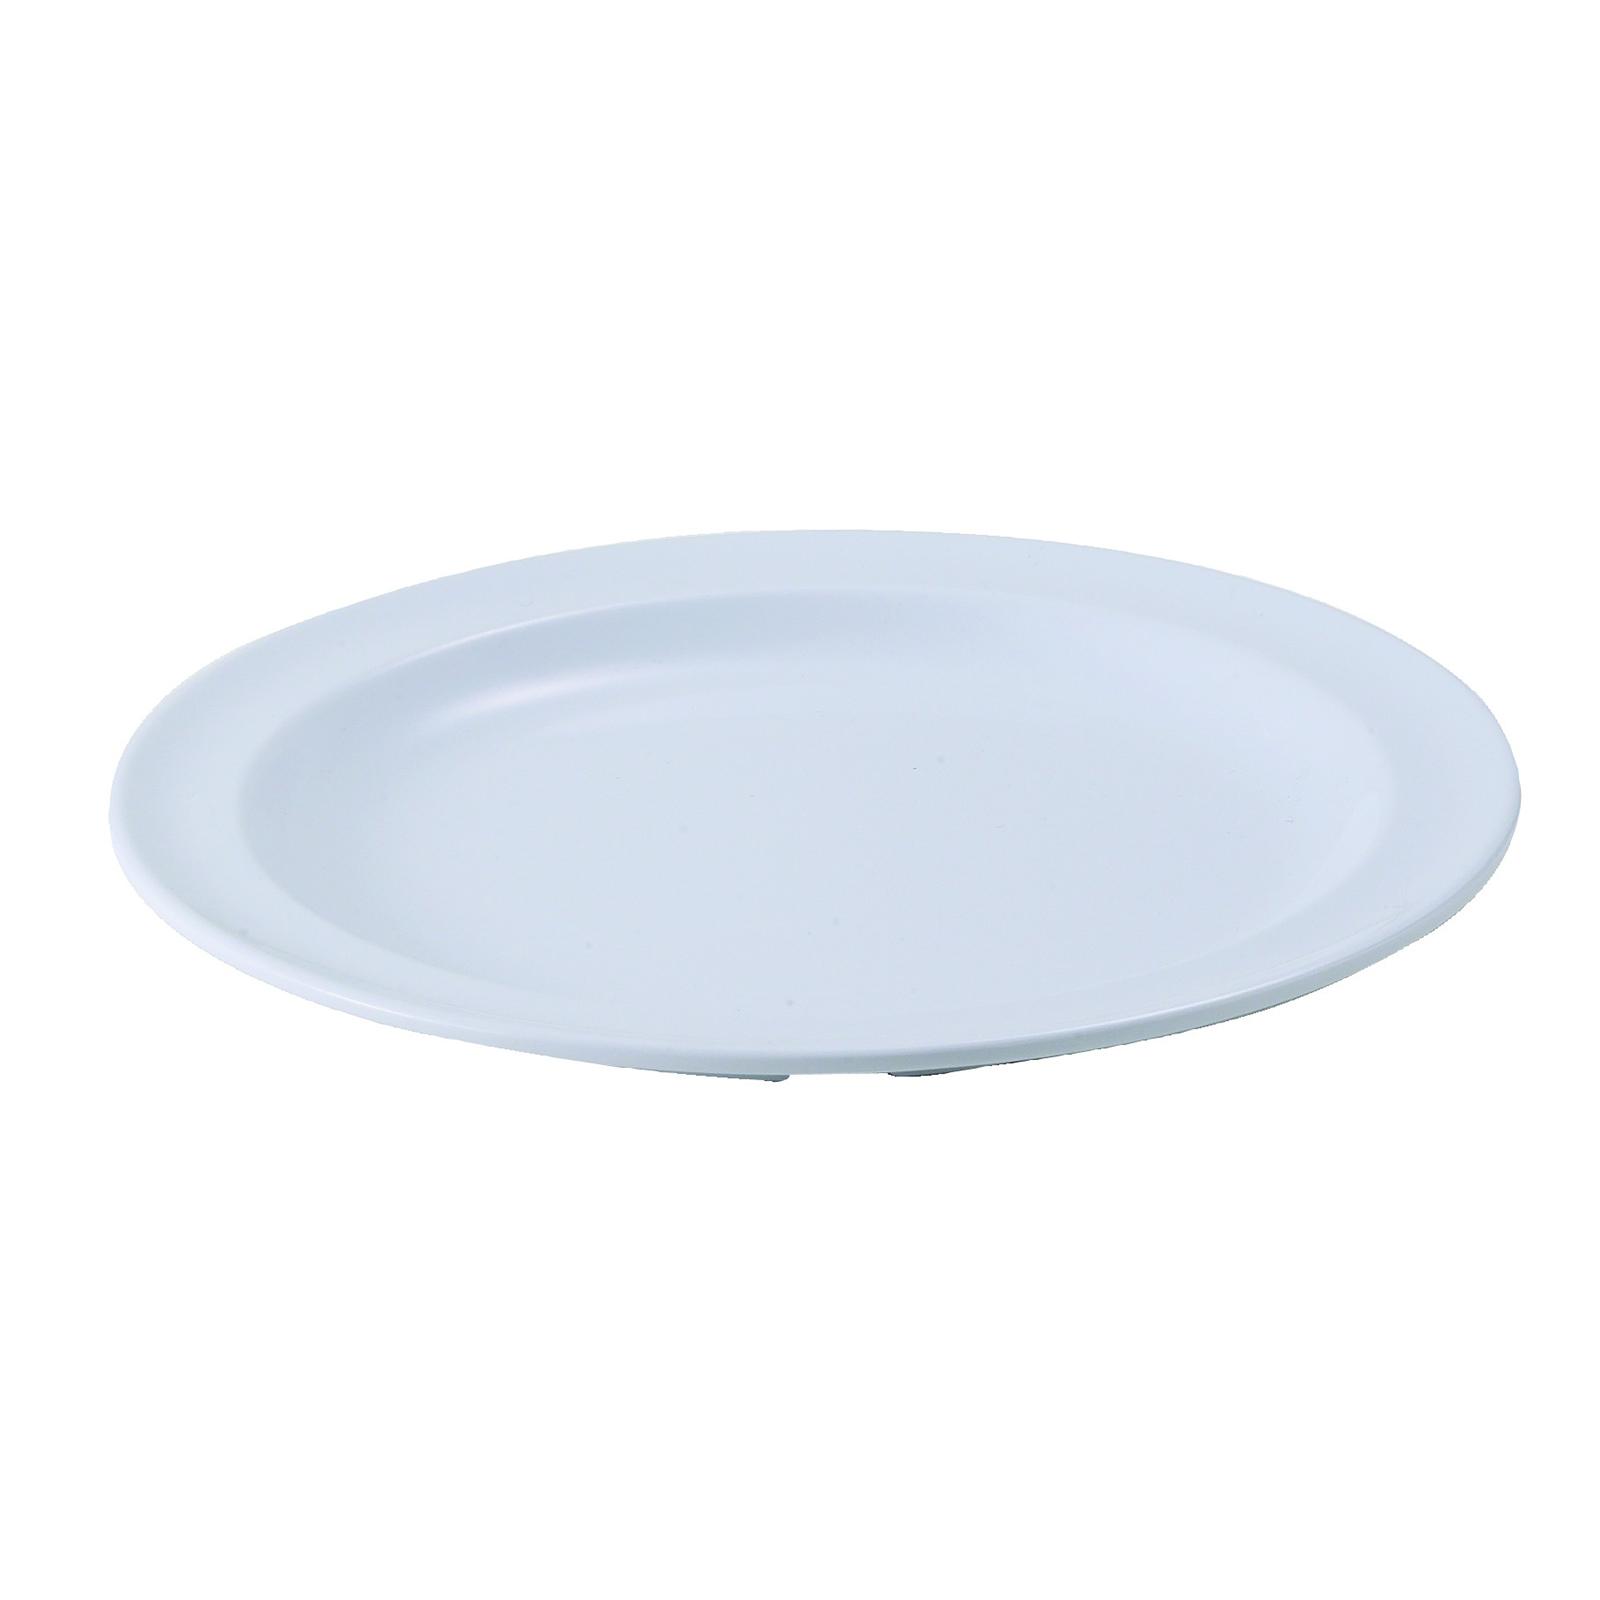 Winco MMPR-8W plate, plastic